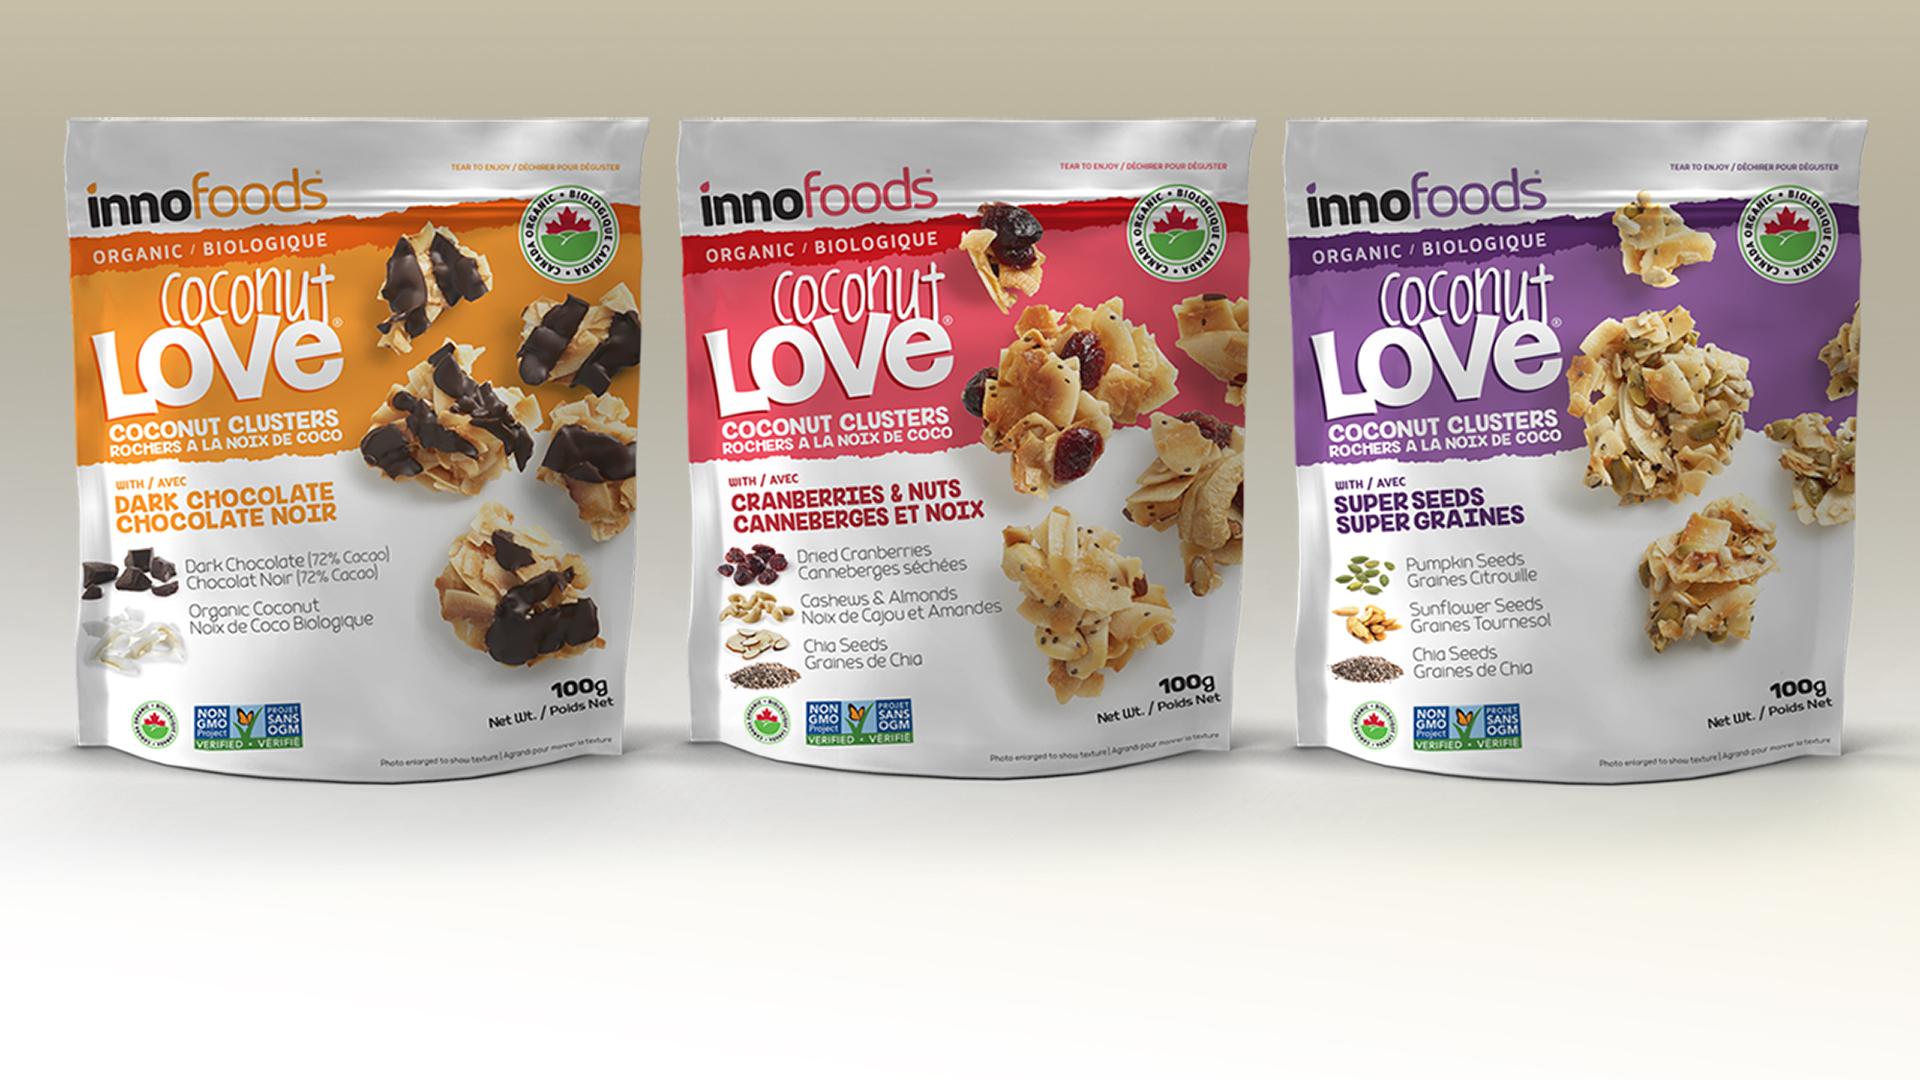 InnoFoods Branding & Packaging